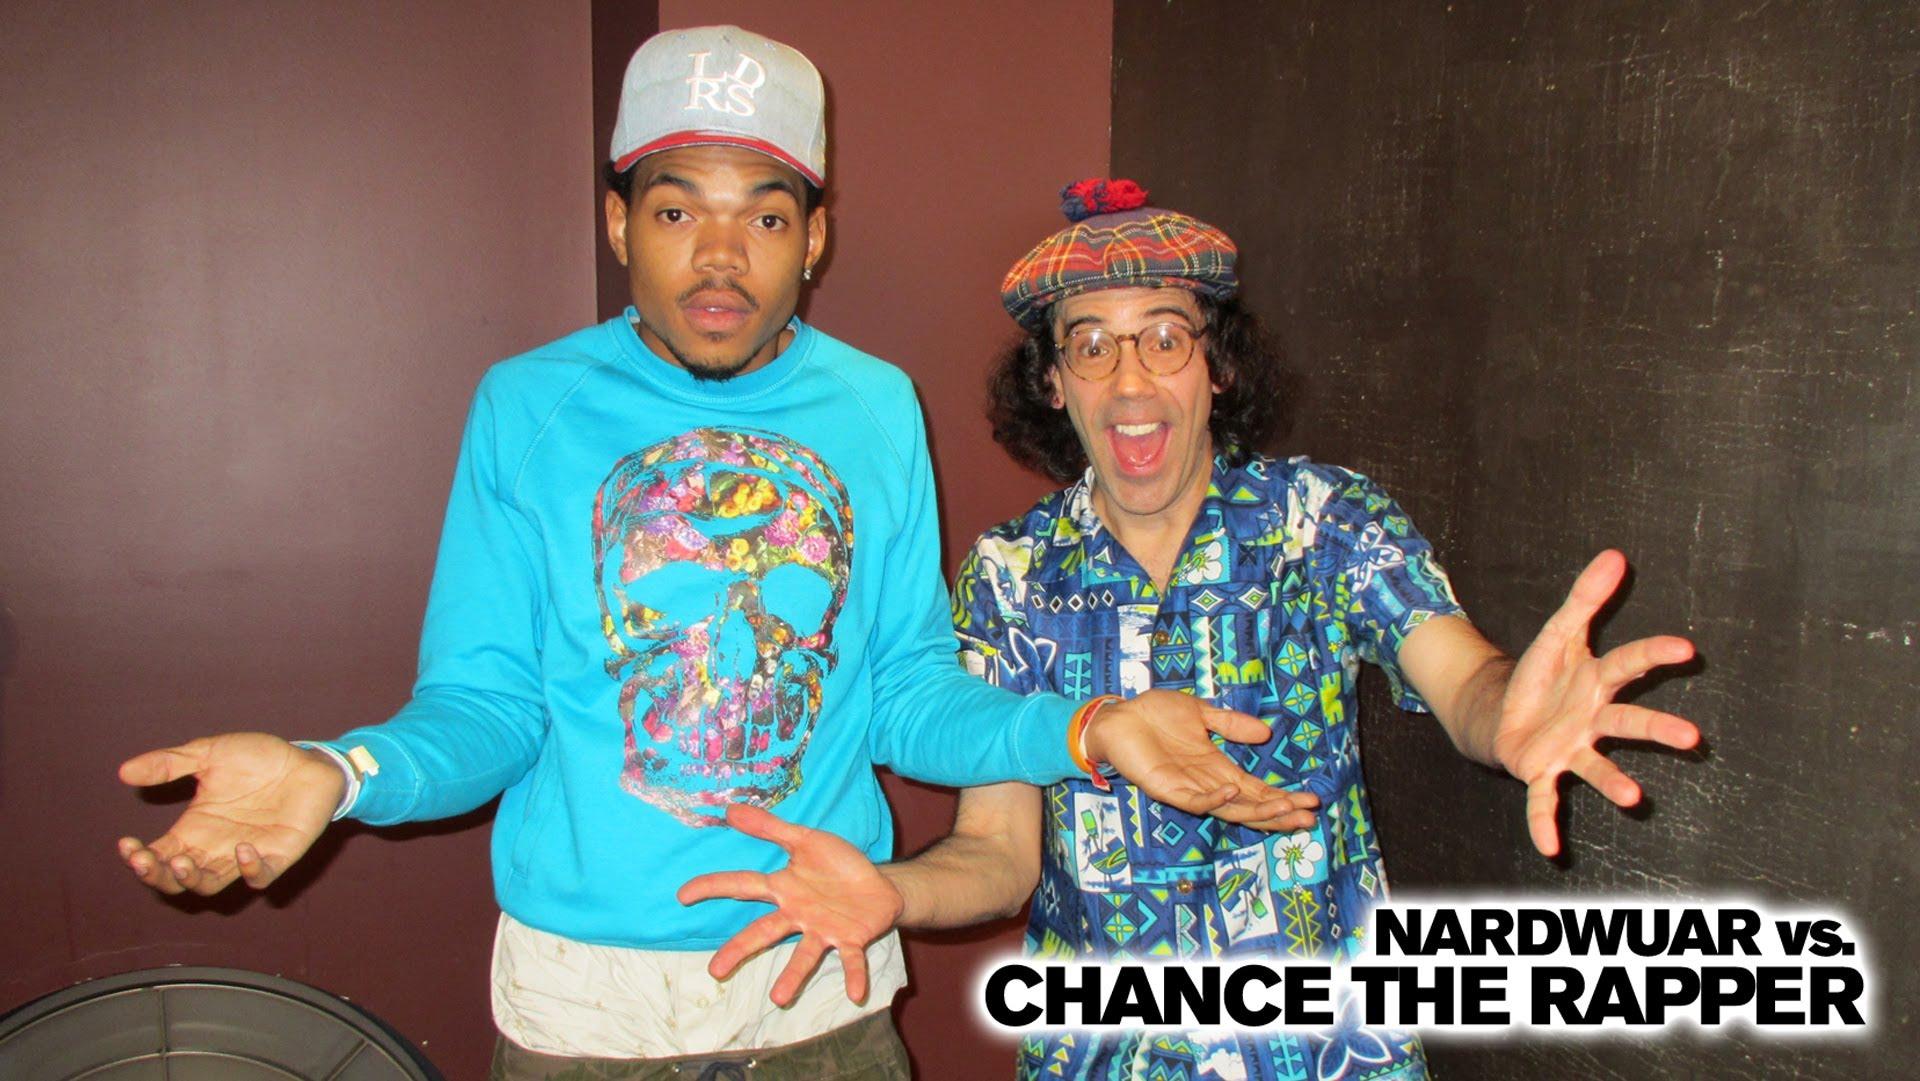 Nardwuar vs. Chance The Rapper